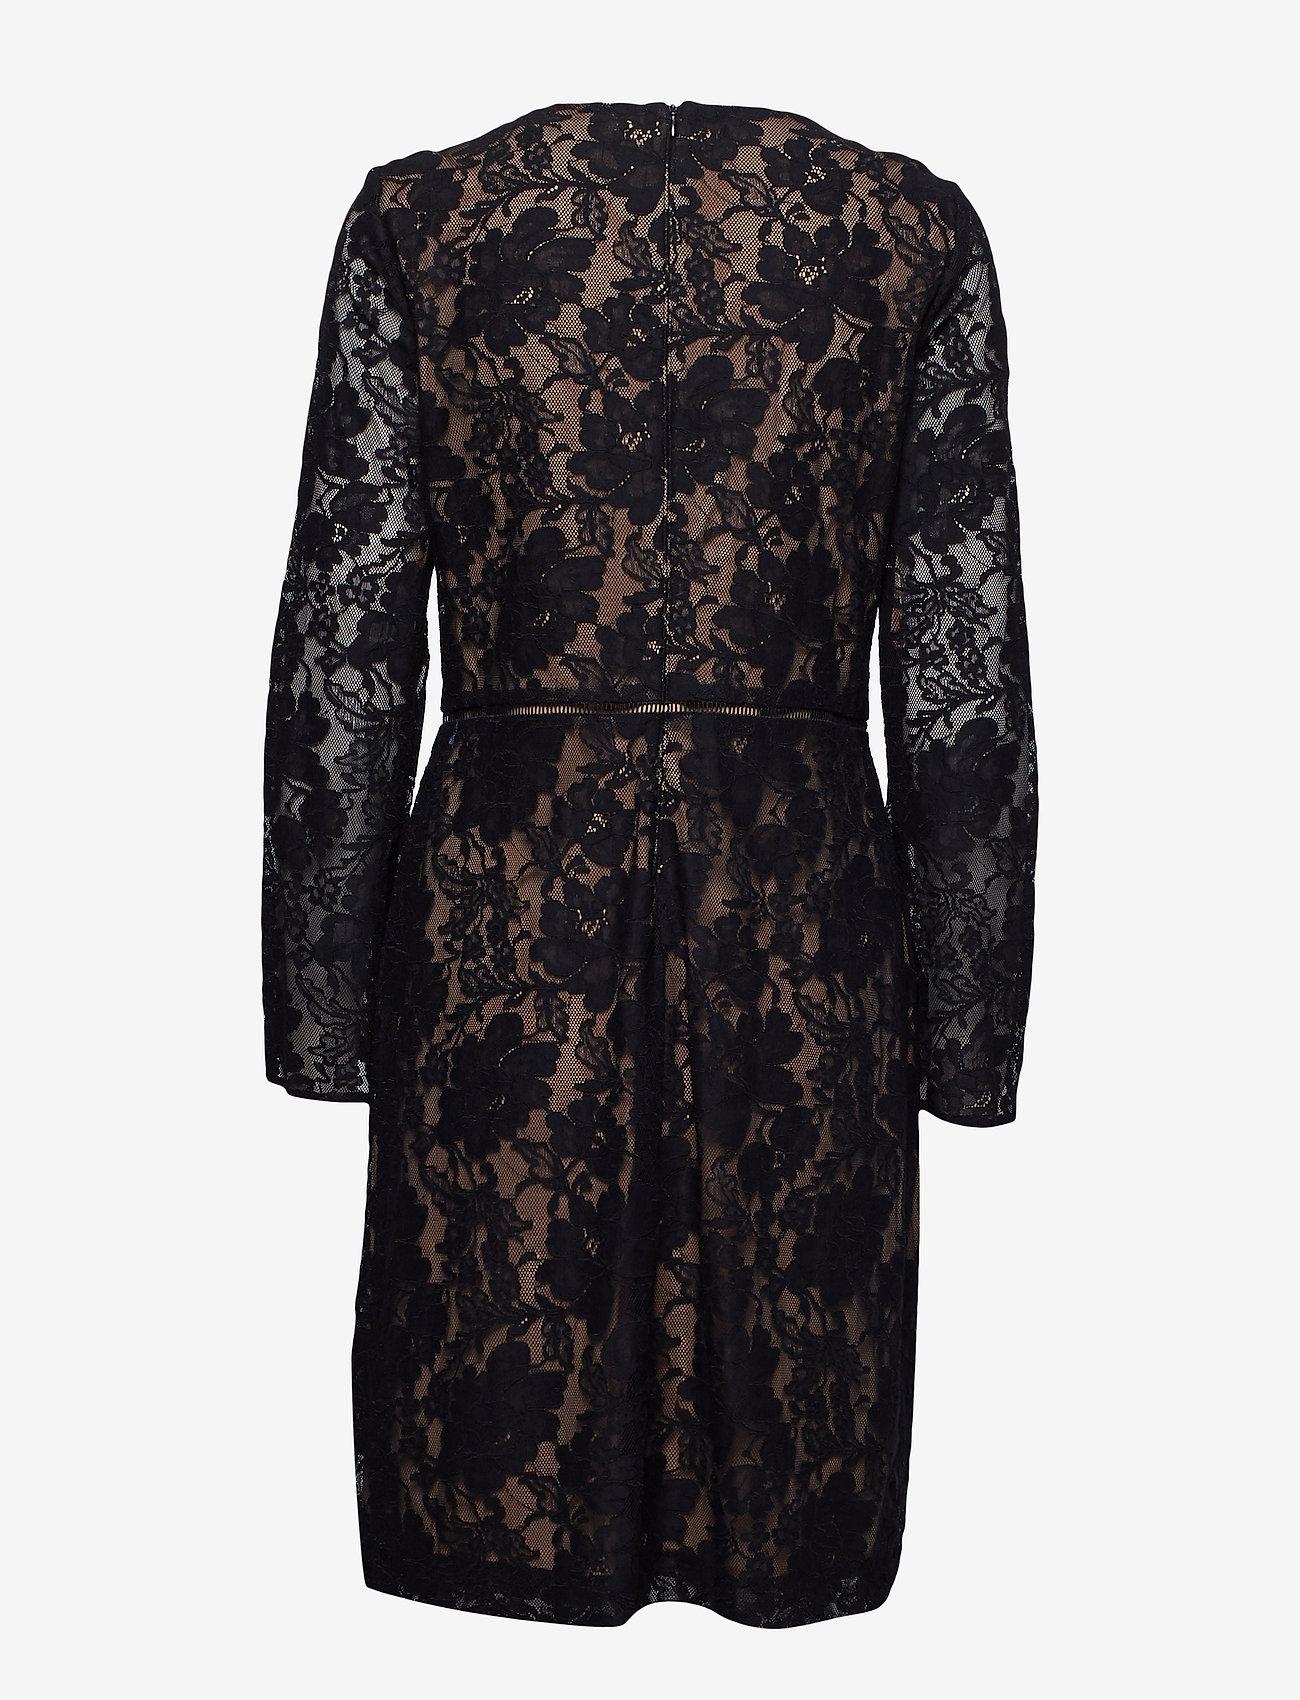 Lauren Ralph Lauren 173D-VEDA SCLP LACE-ALUNA W/ TRIM - Kjoler BLACK - Dametøj Særtilbud